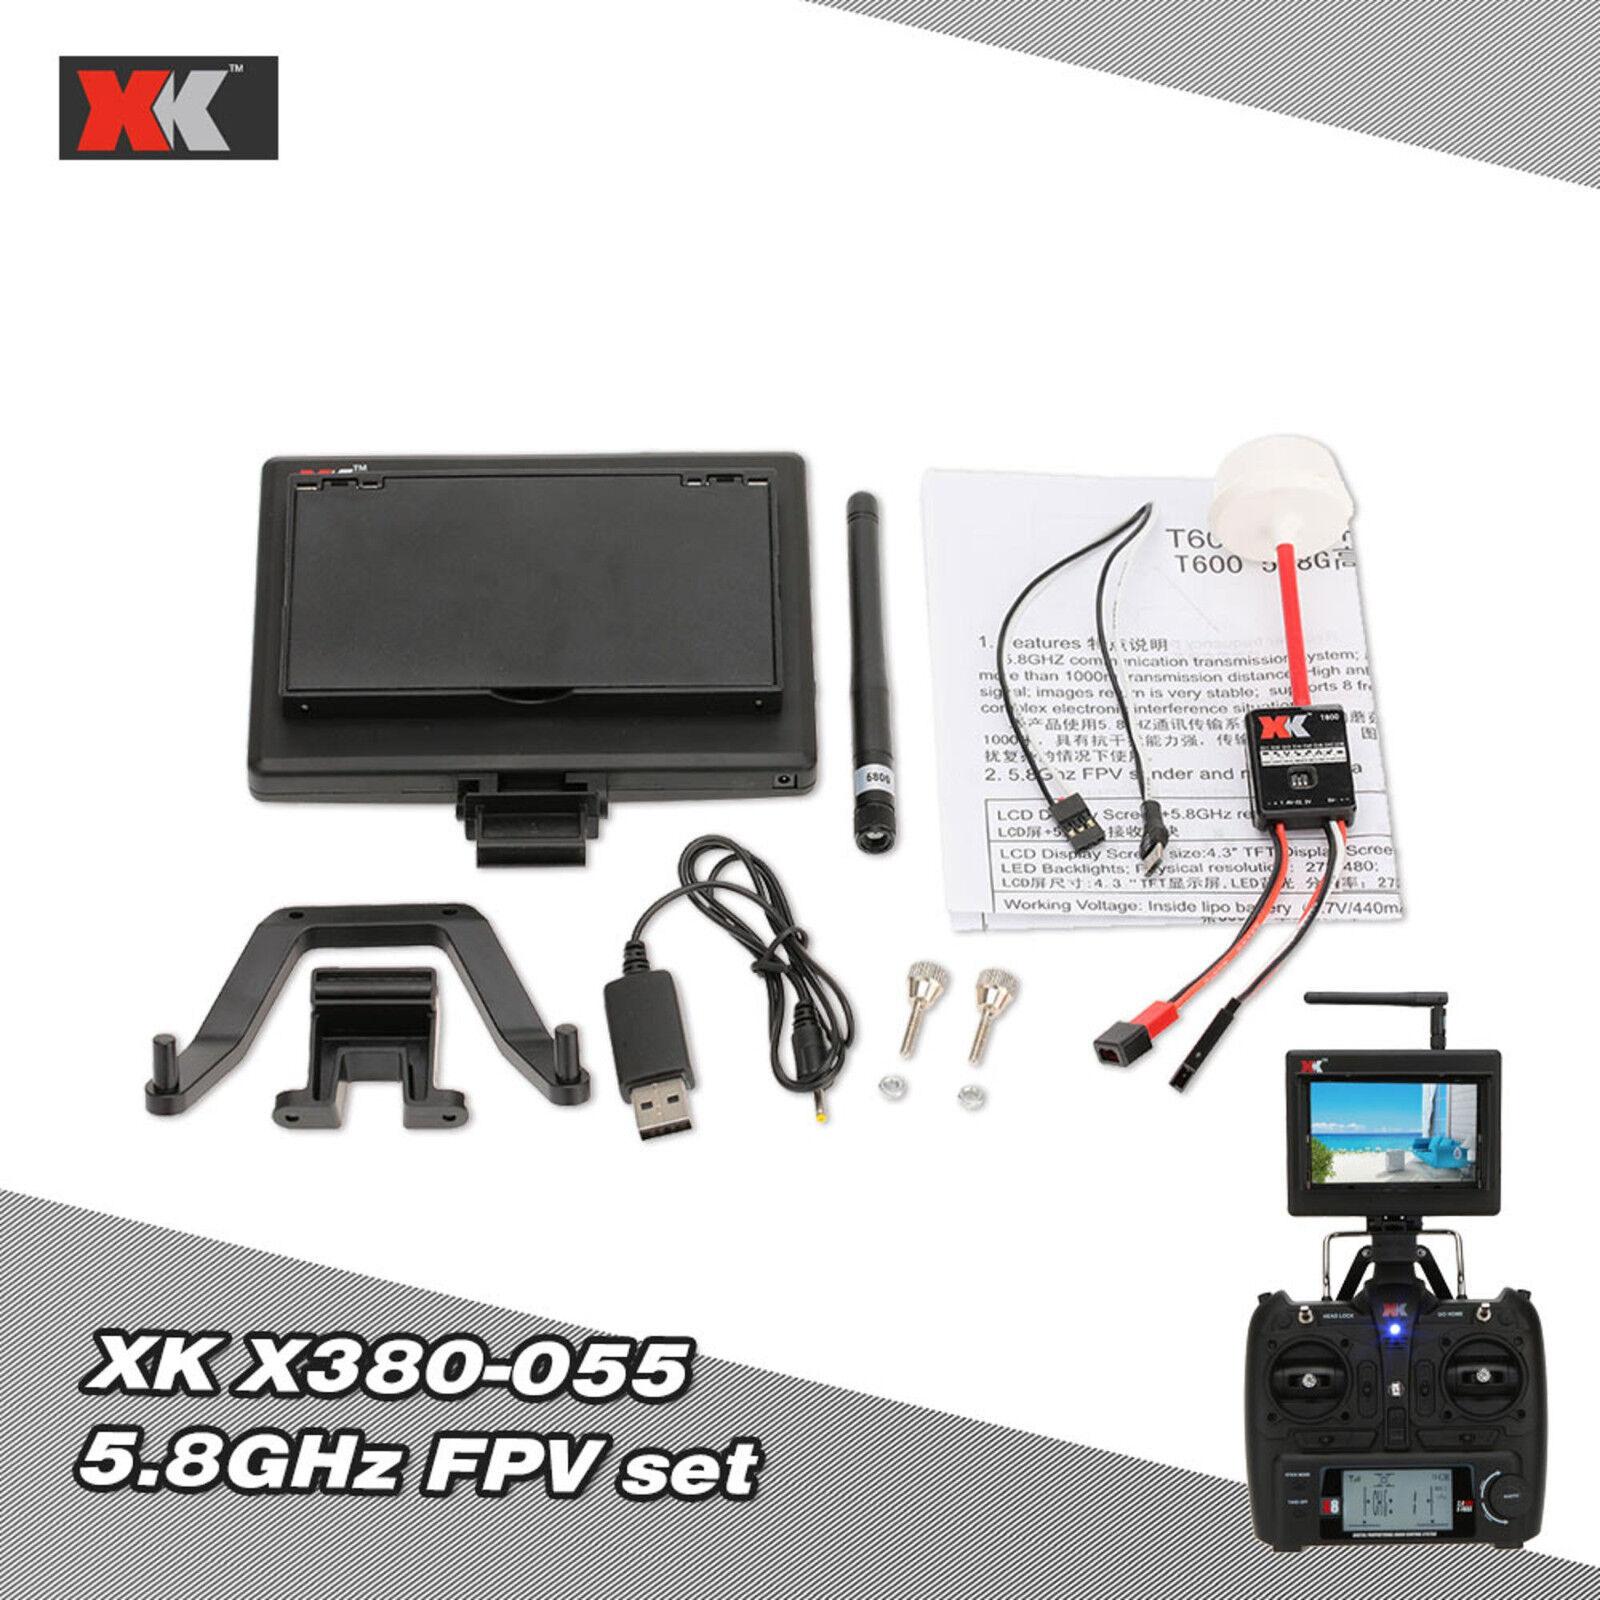 XK Actualizado partes X380-055 5.8GHz AV TX RX FPV conjuntos para XK X380 RC Cuadricóptero